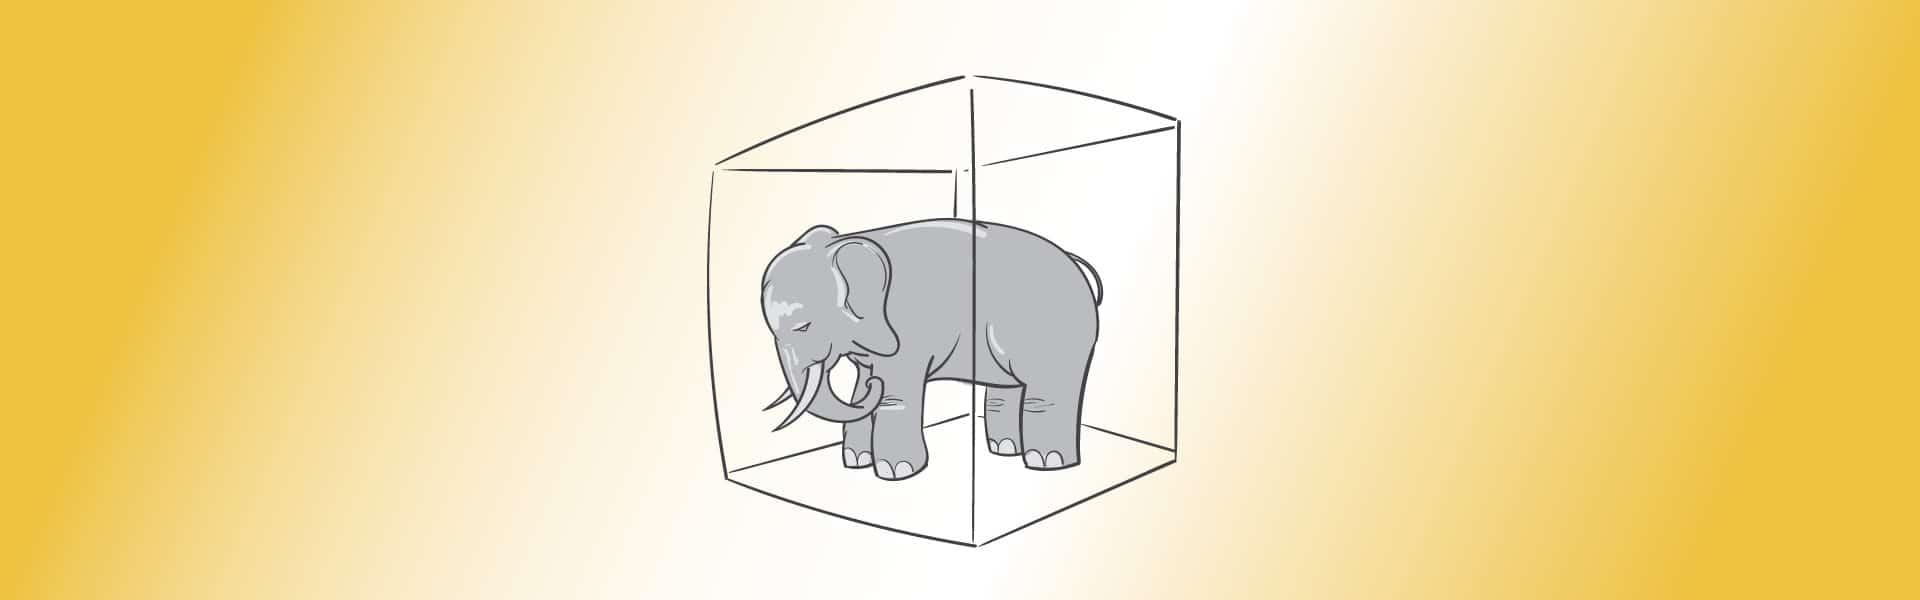 elefanten-i-rummet